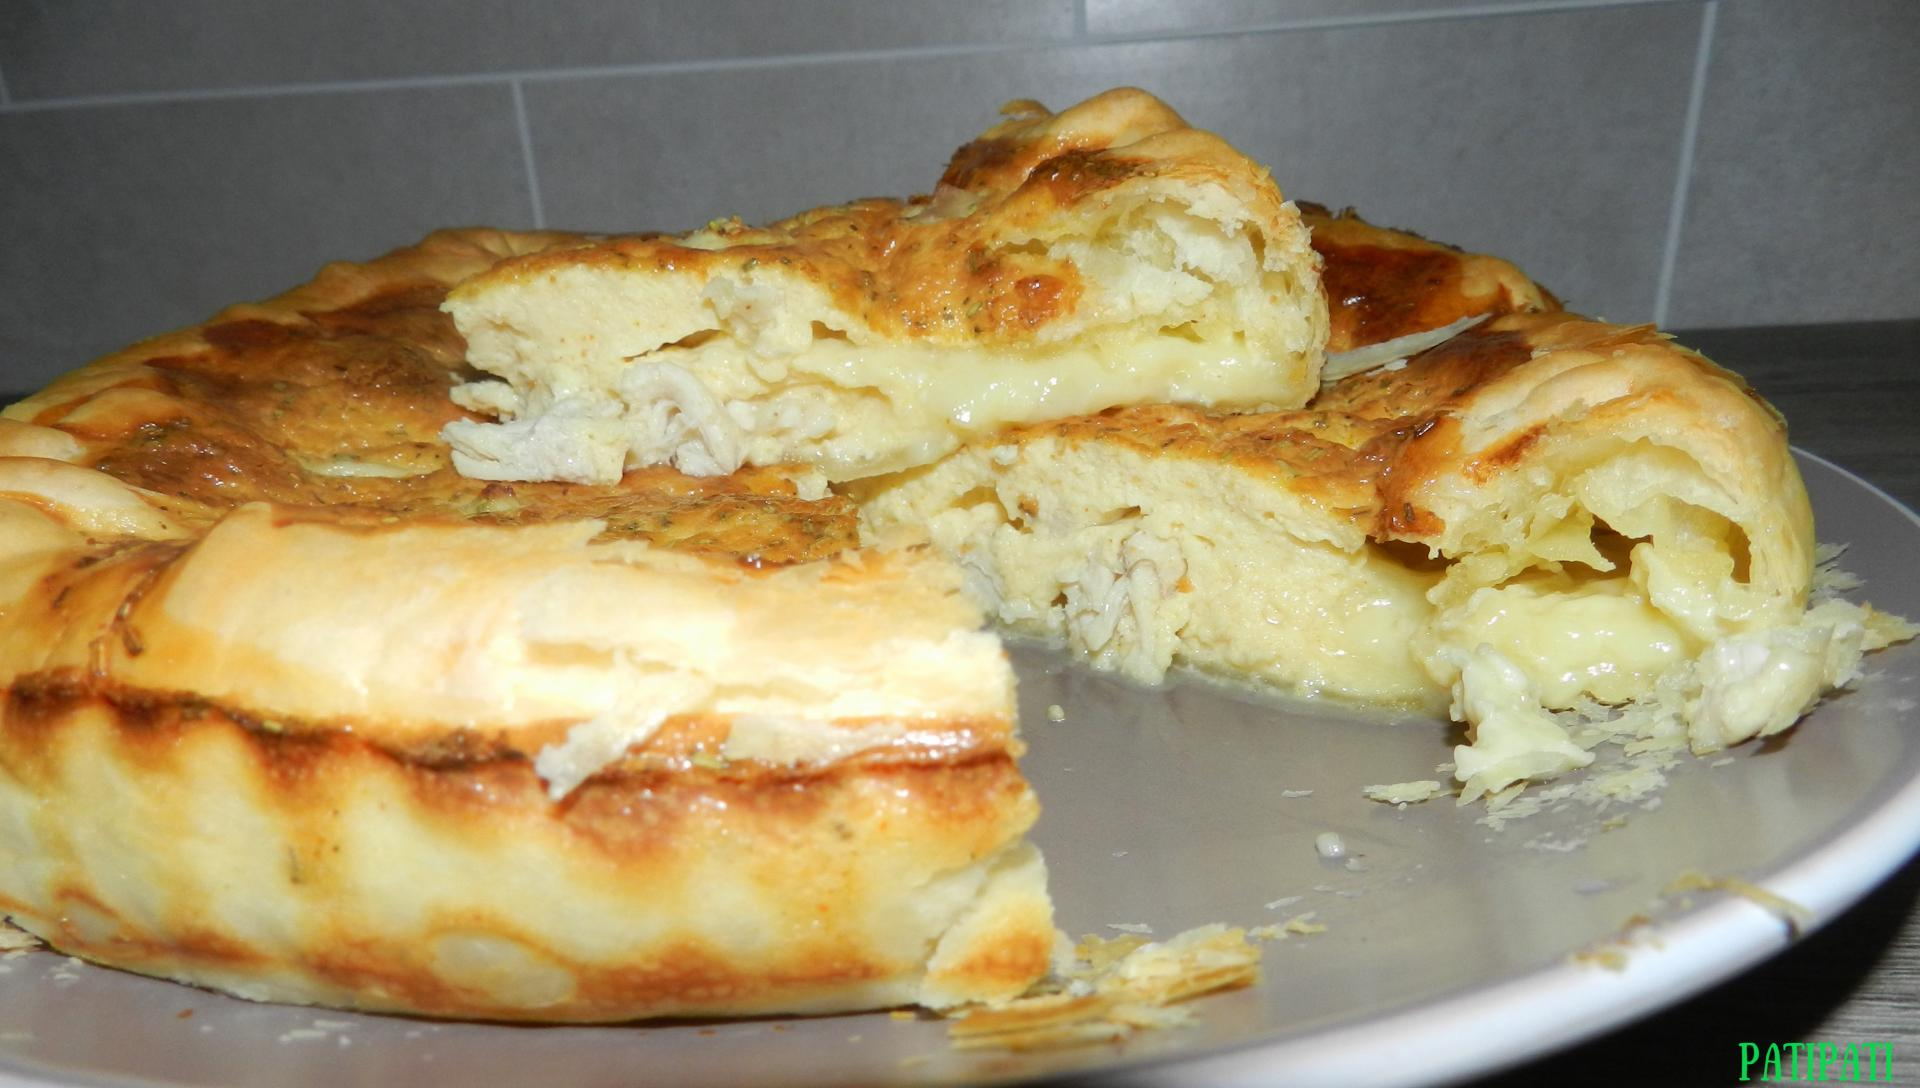 Gateau de pate feuilletee fourree au camembert 1